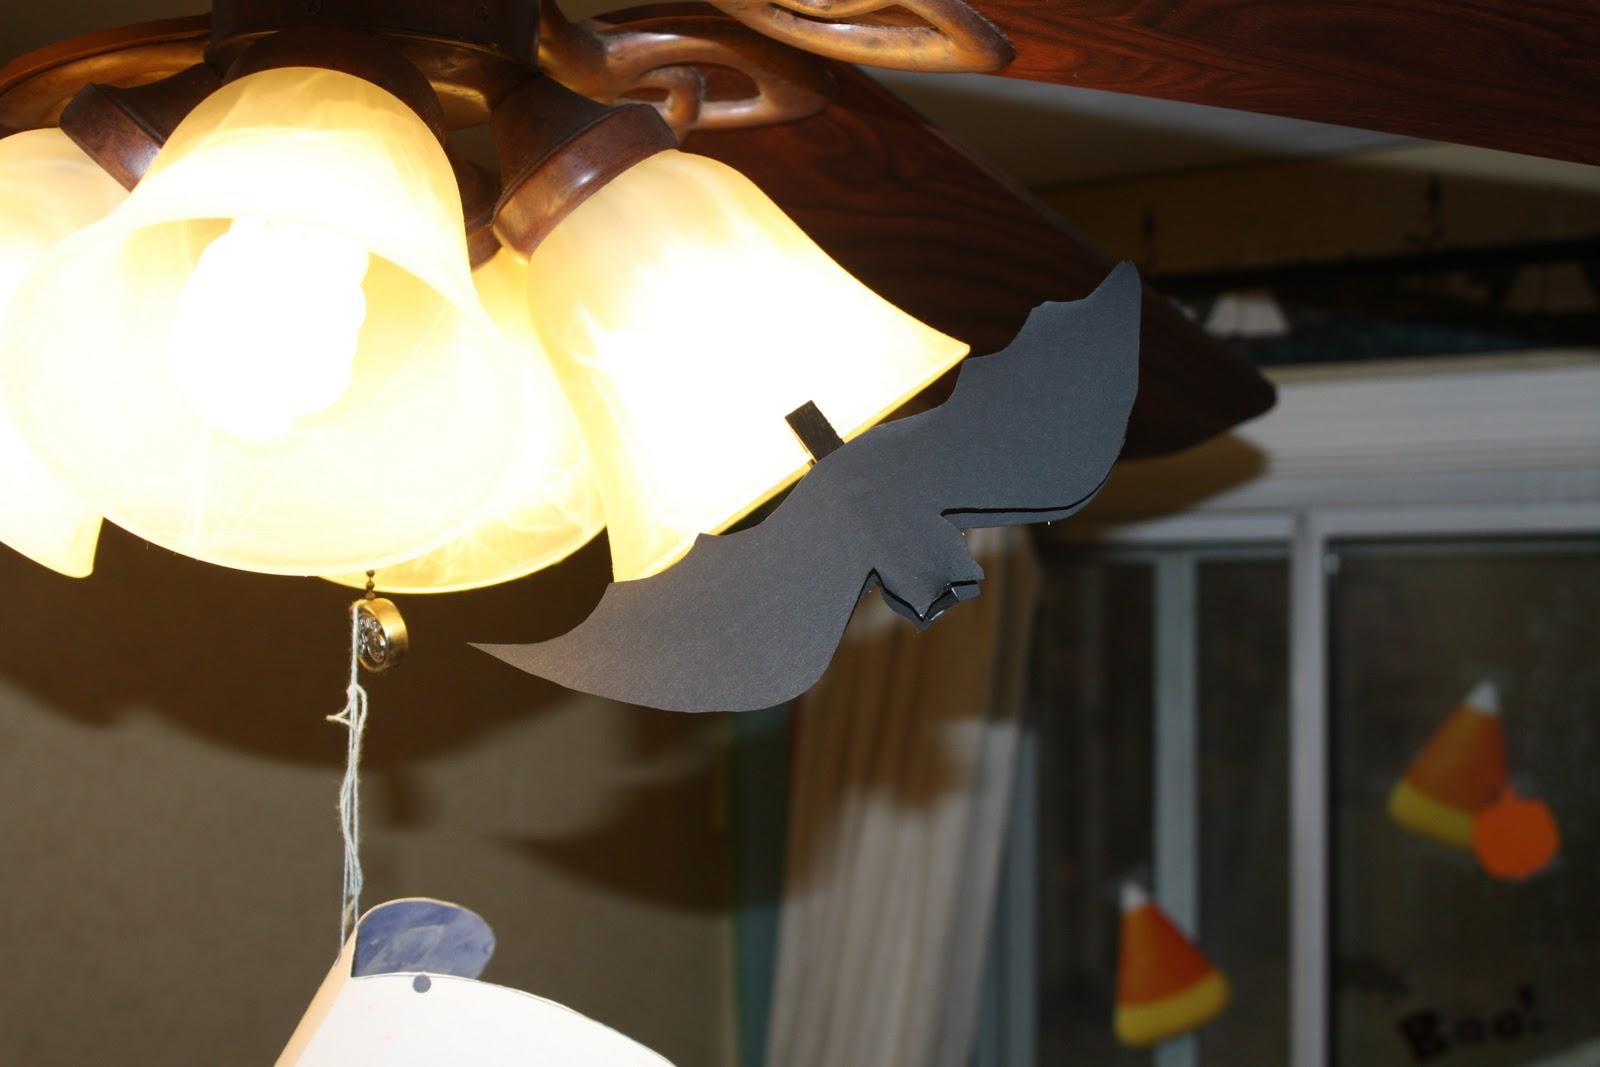 bat on fan